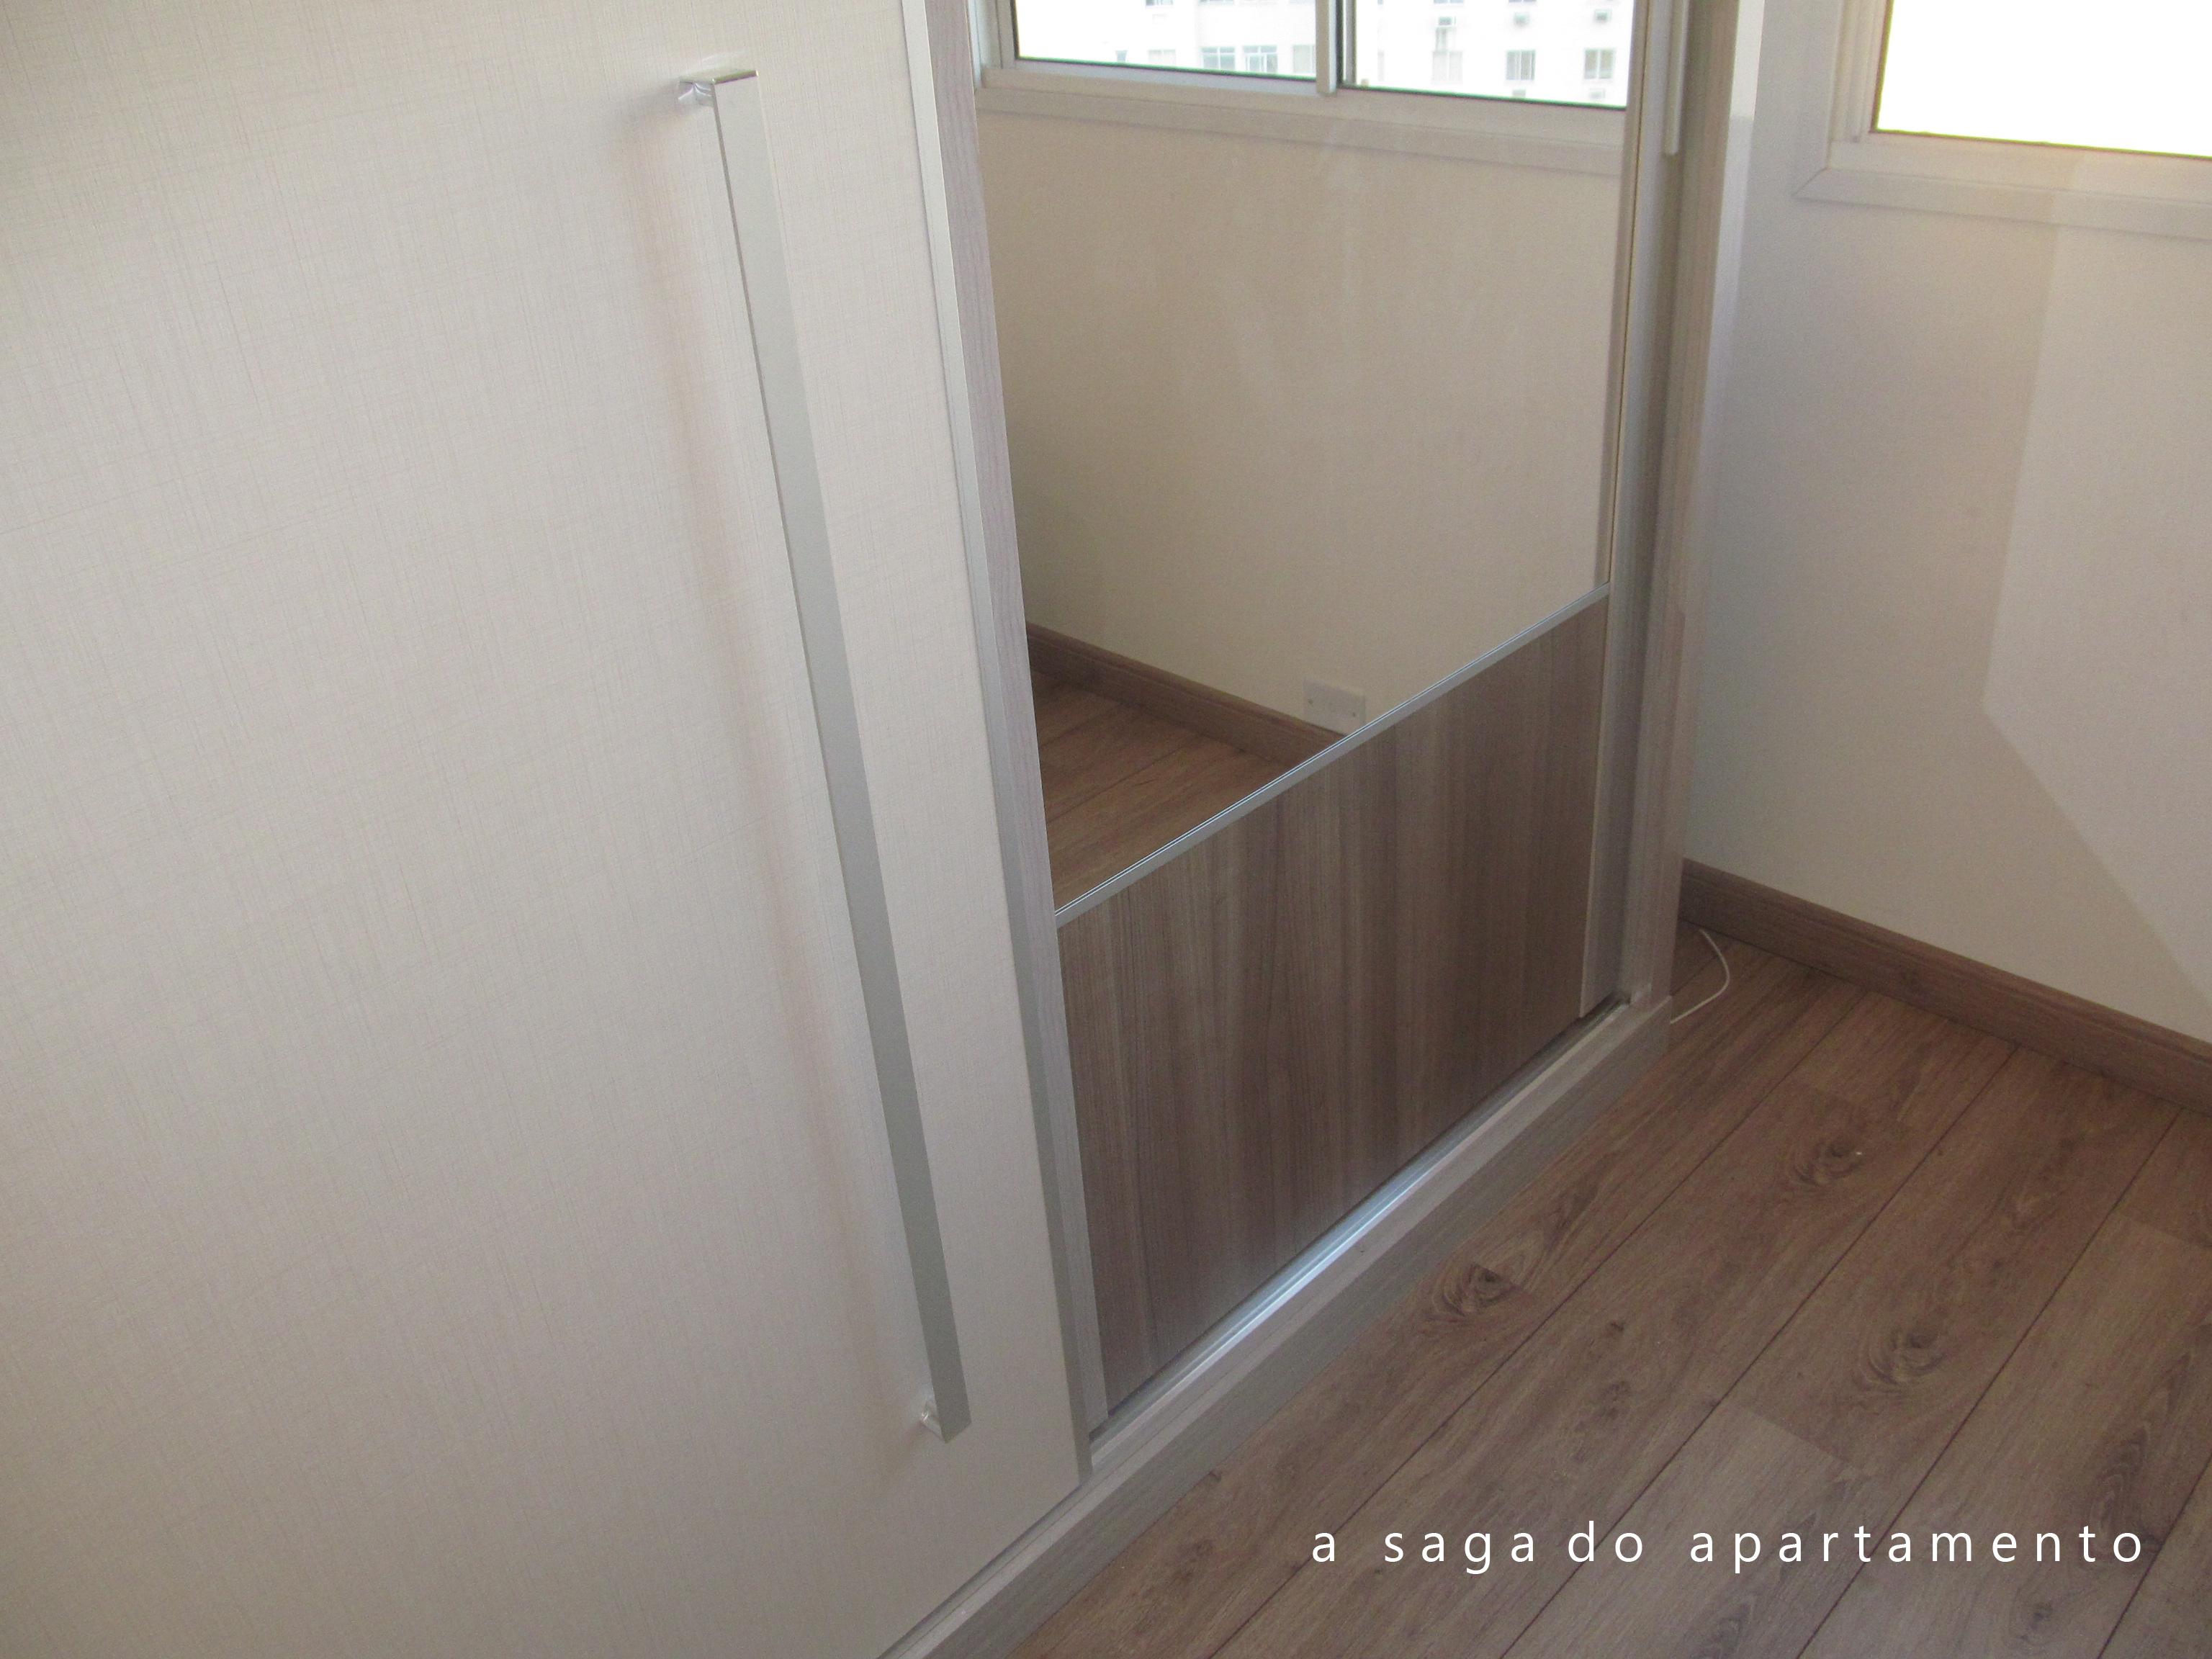 para o armário (Repare também que a cor do padrão de madeira da #526D79 3072x2304